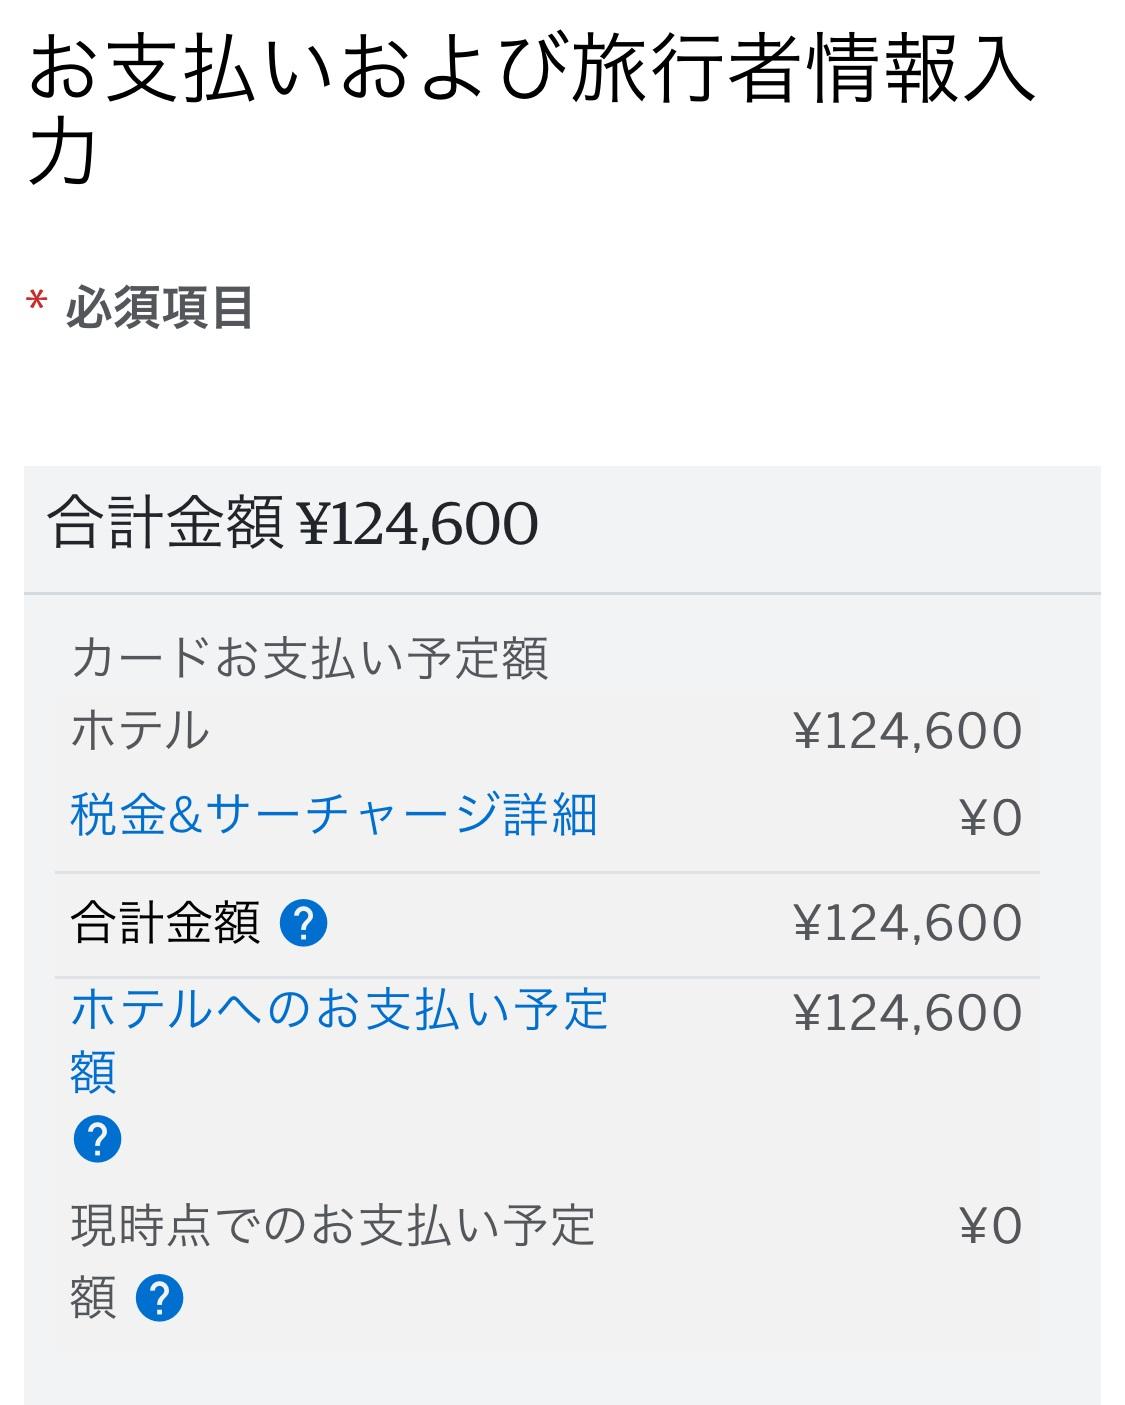 アマン東京のファイン・ホテル・アンド・リゾート(FHR)の決済金額